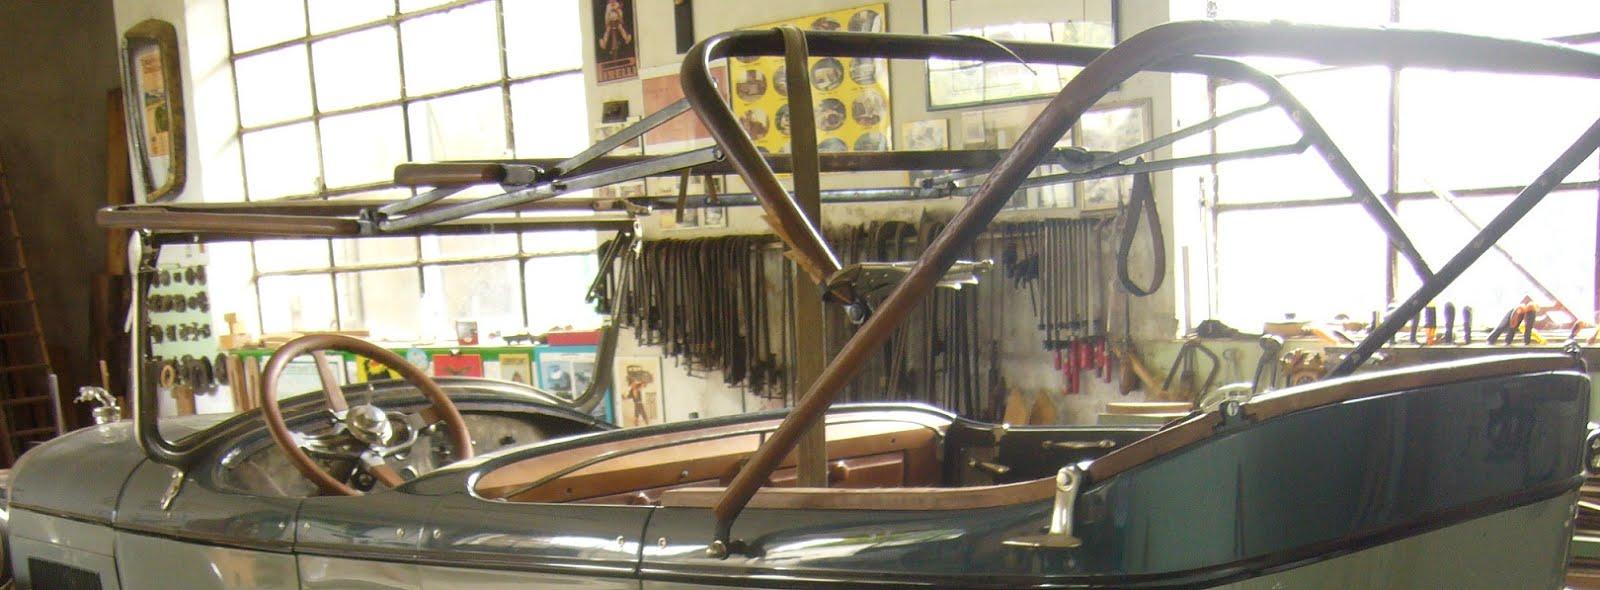 Restauro legno auto d 39 epoca - Misure garage per 2 auto ...